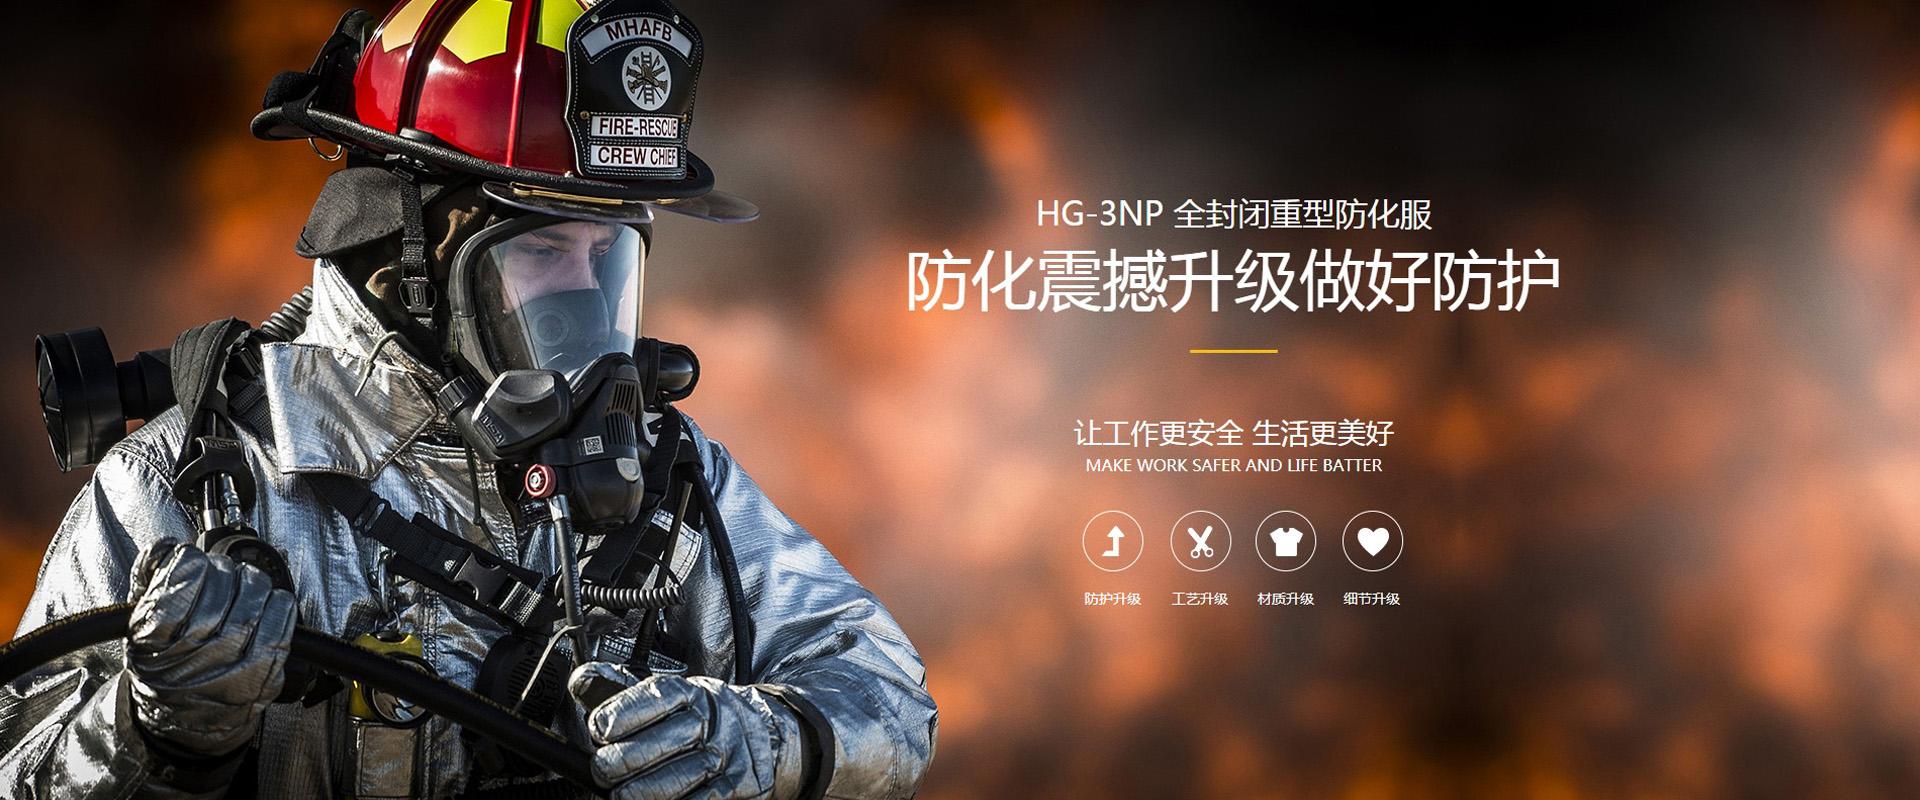 广东某某消防器材厂有限责任公司